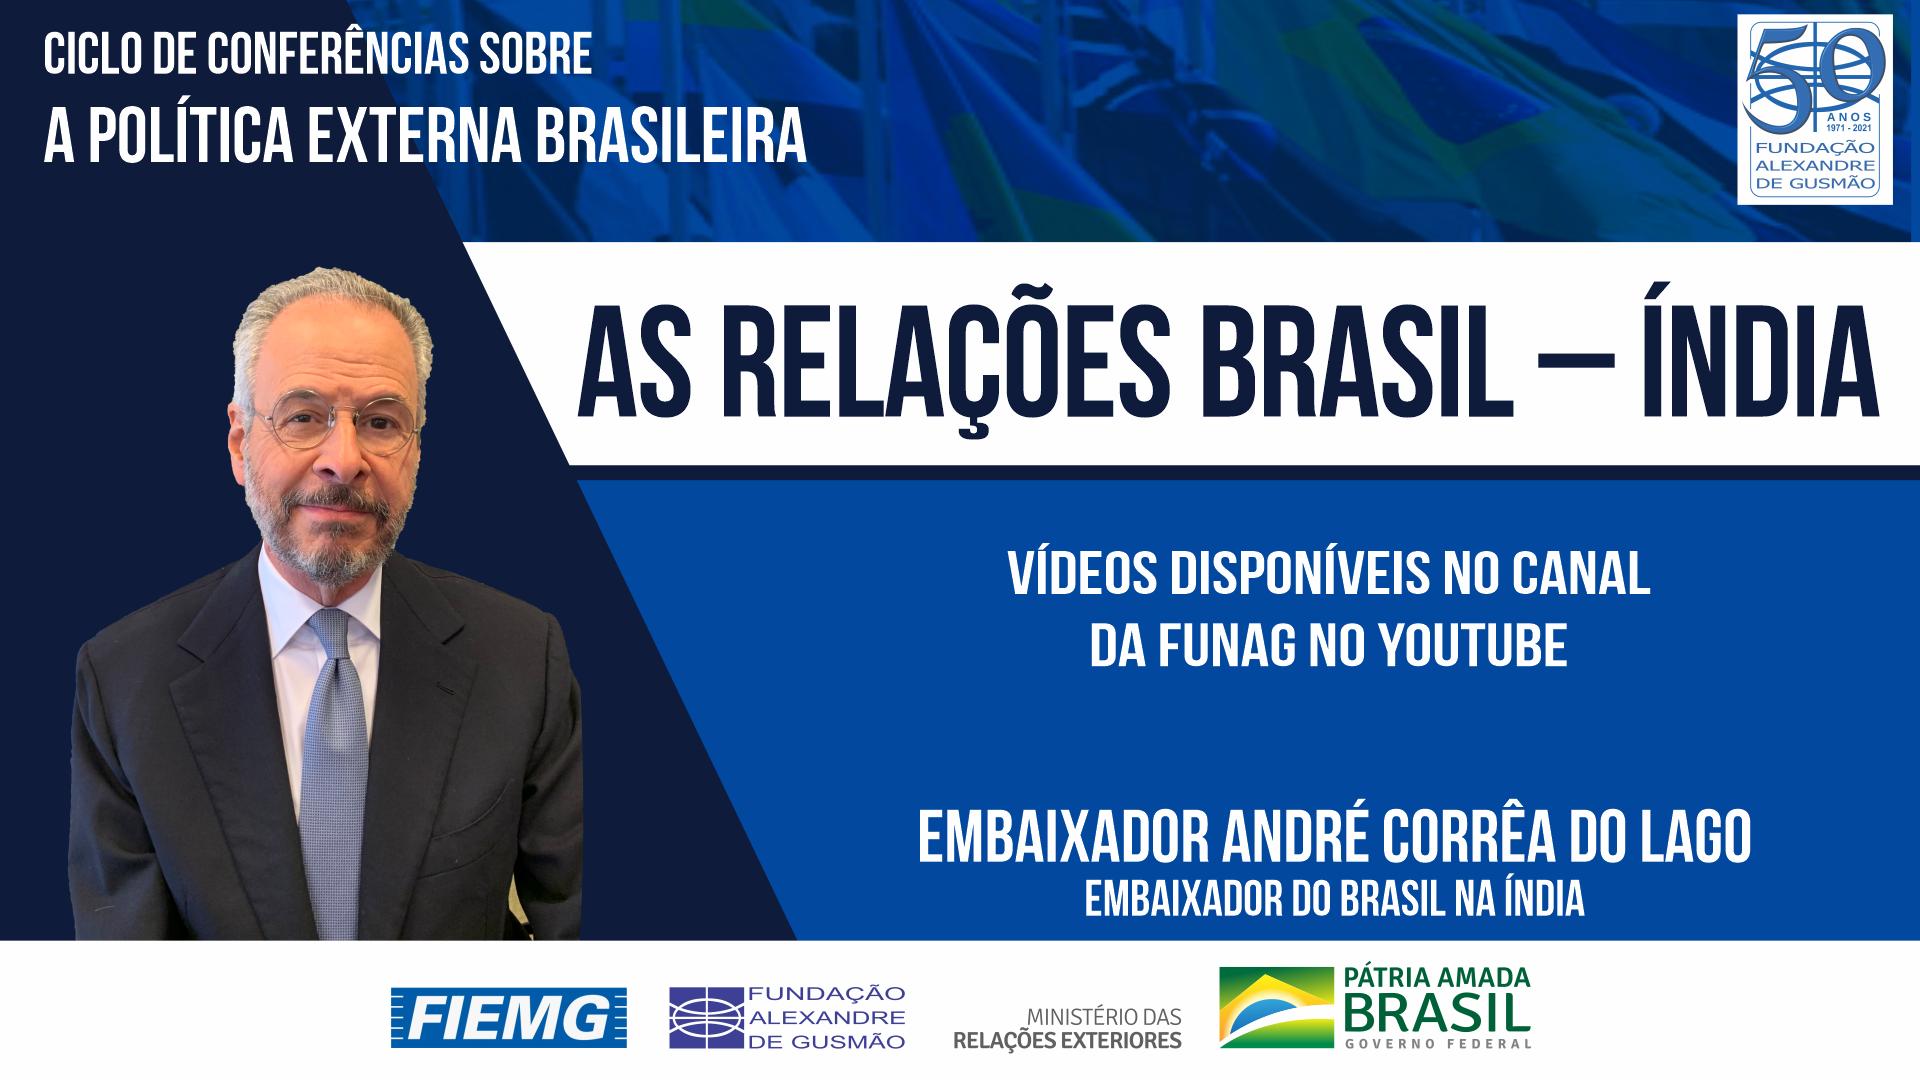 Assista aos vídeos da conferência do Embaixador do Brasil na Índia, André Corrêa do Lago